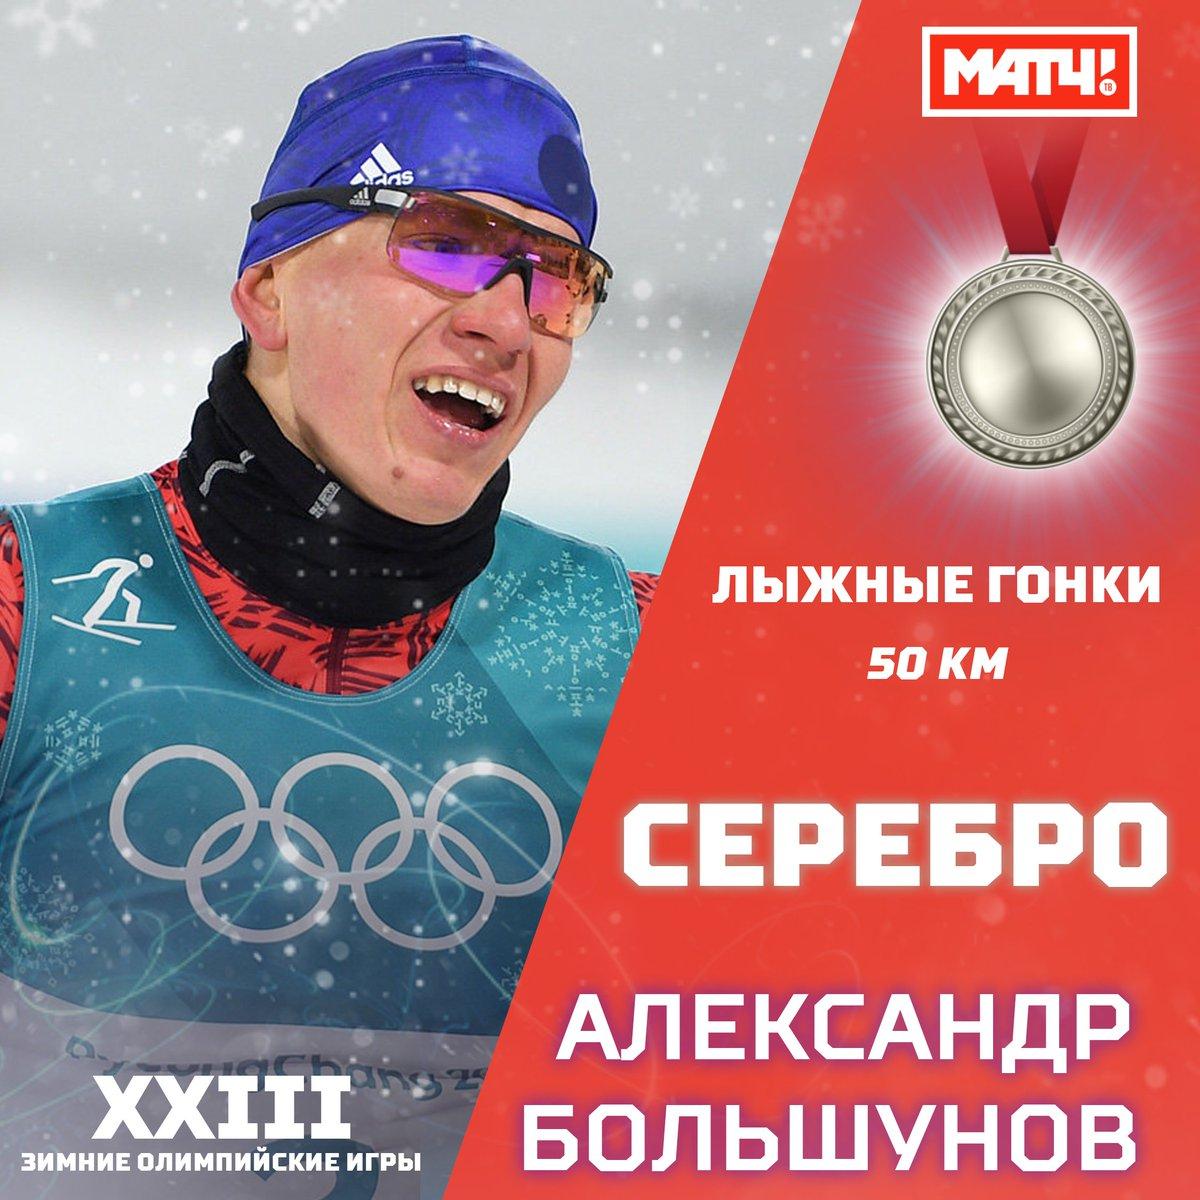 Зимние Олимпийские игры-2018 (не фигурное катание) - Страница 23 DWyFoi-W4AAO8fj